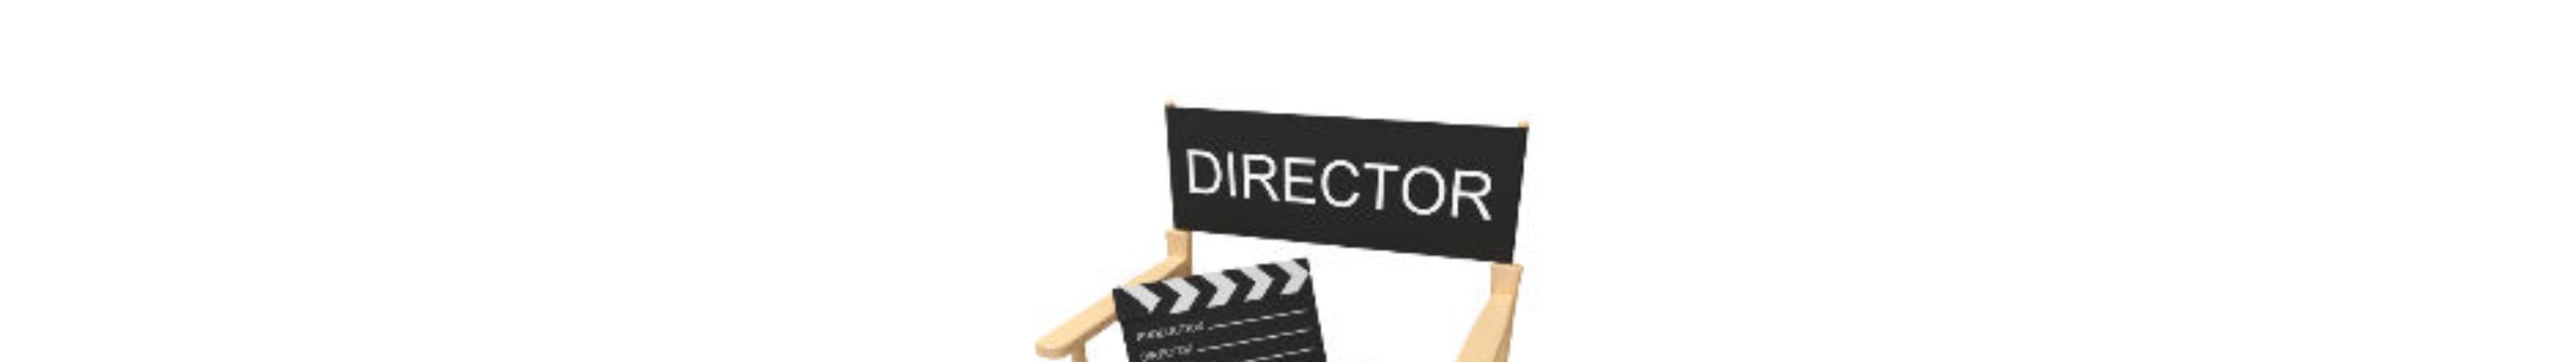 Regie over je leven